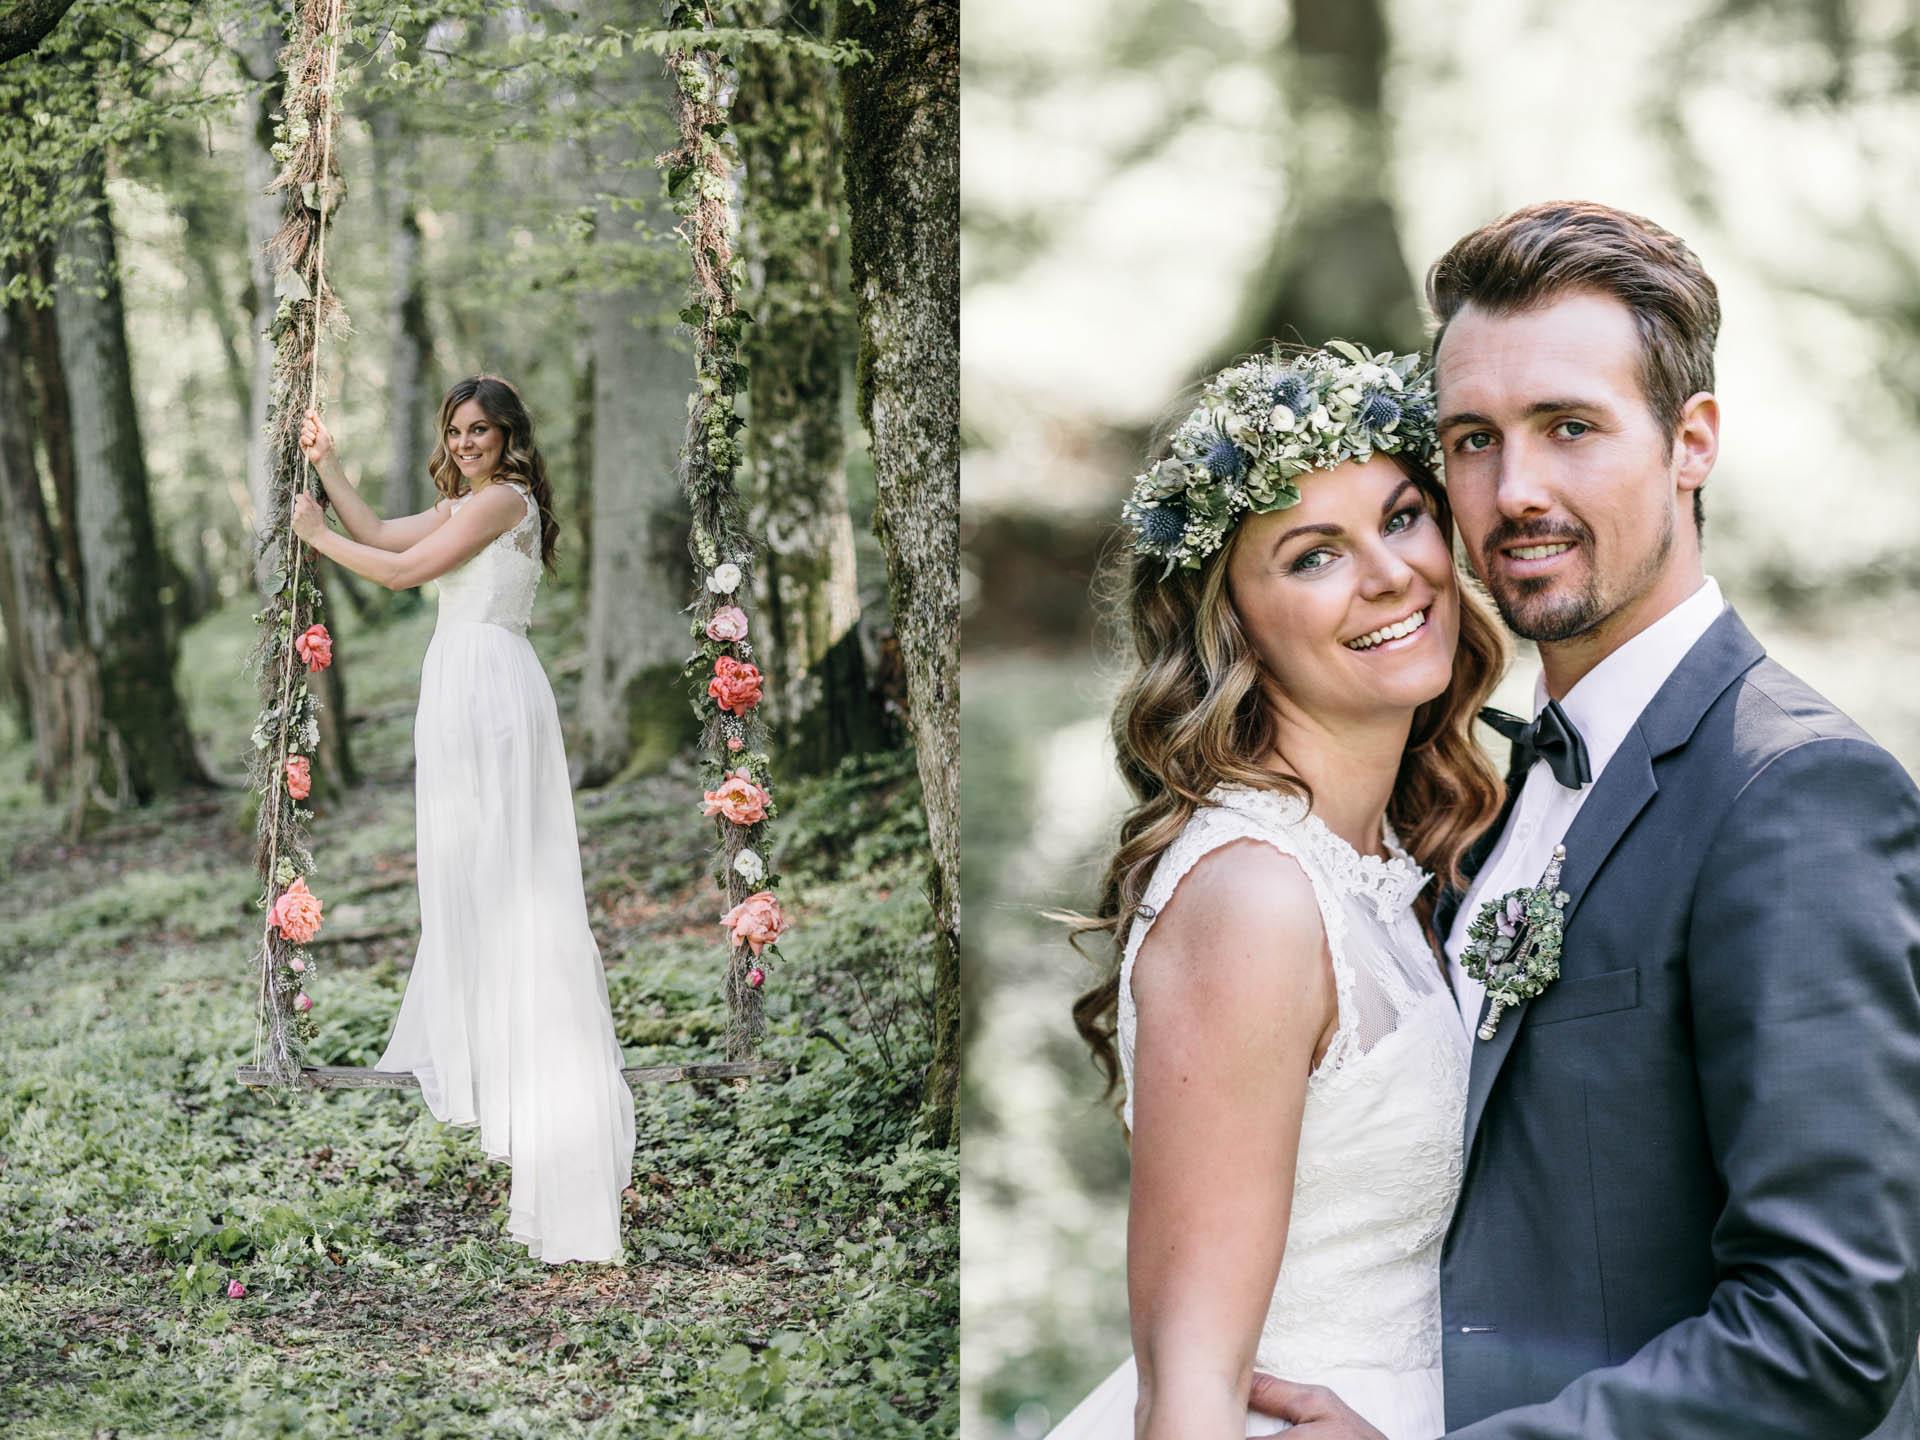 Braut auf der Blumen-Schaukel und strahlendes Brautpaar rechts im Bild